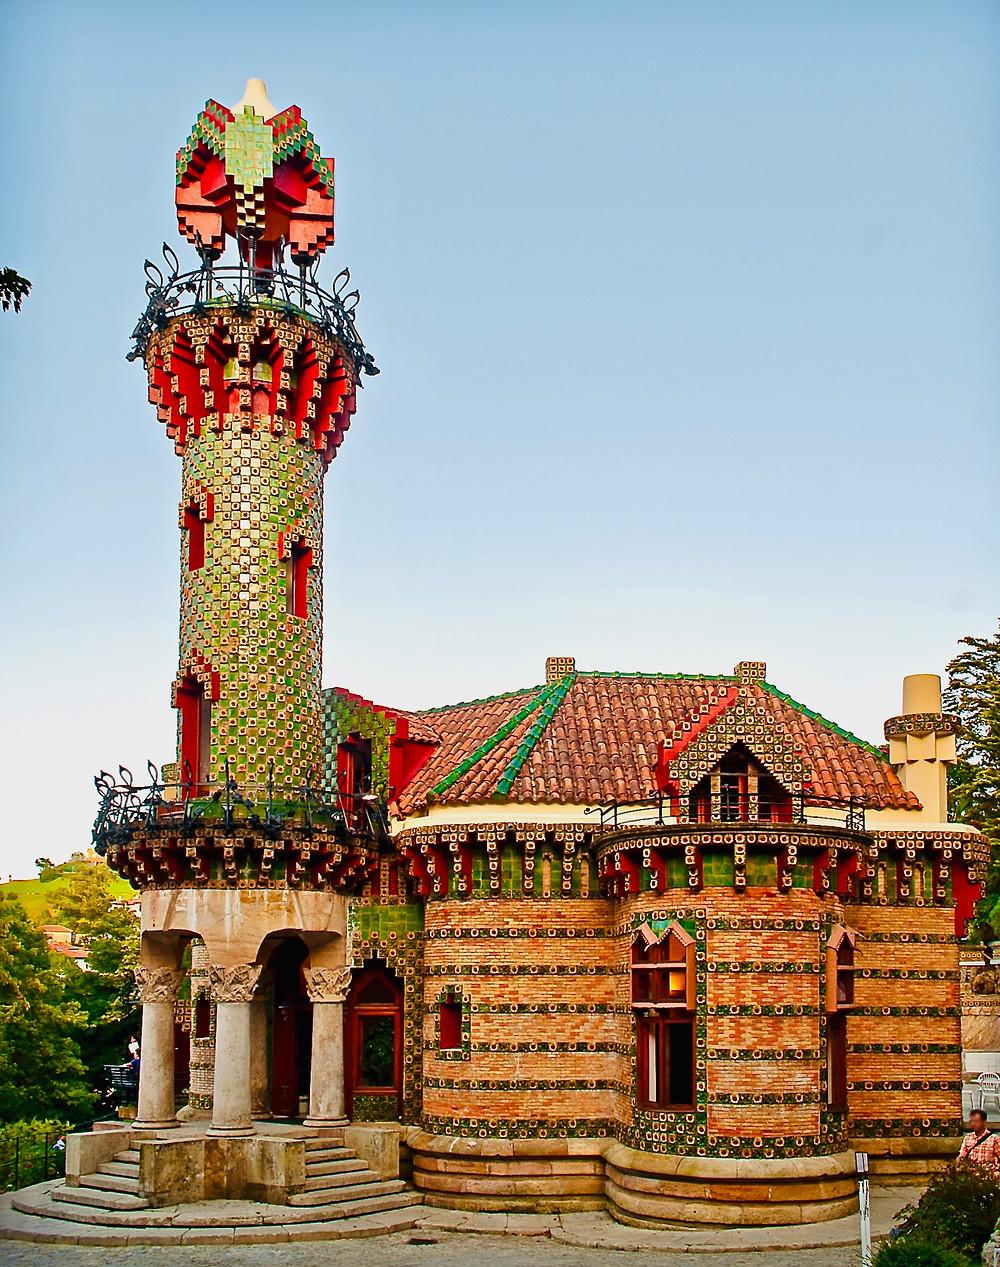 Gaudi's villa, El Capricho, in Comillas Spain